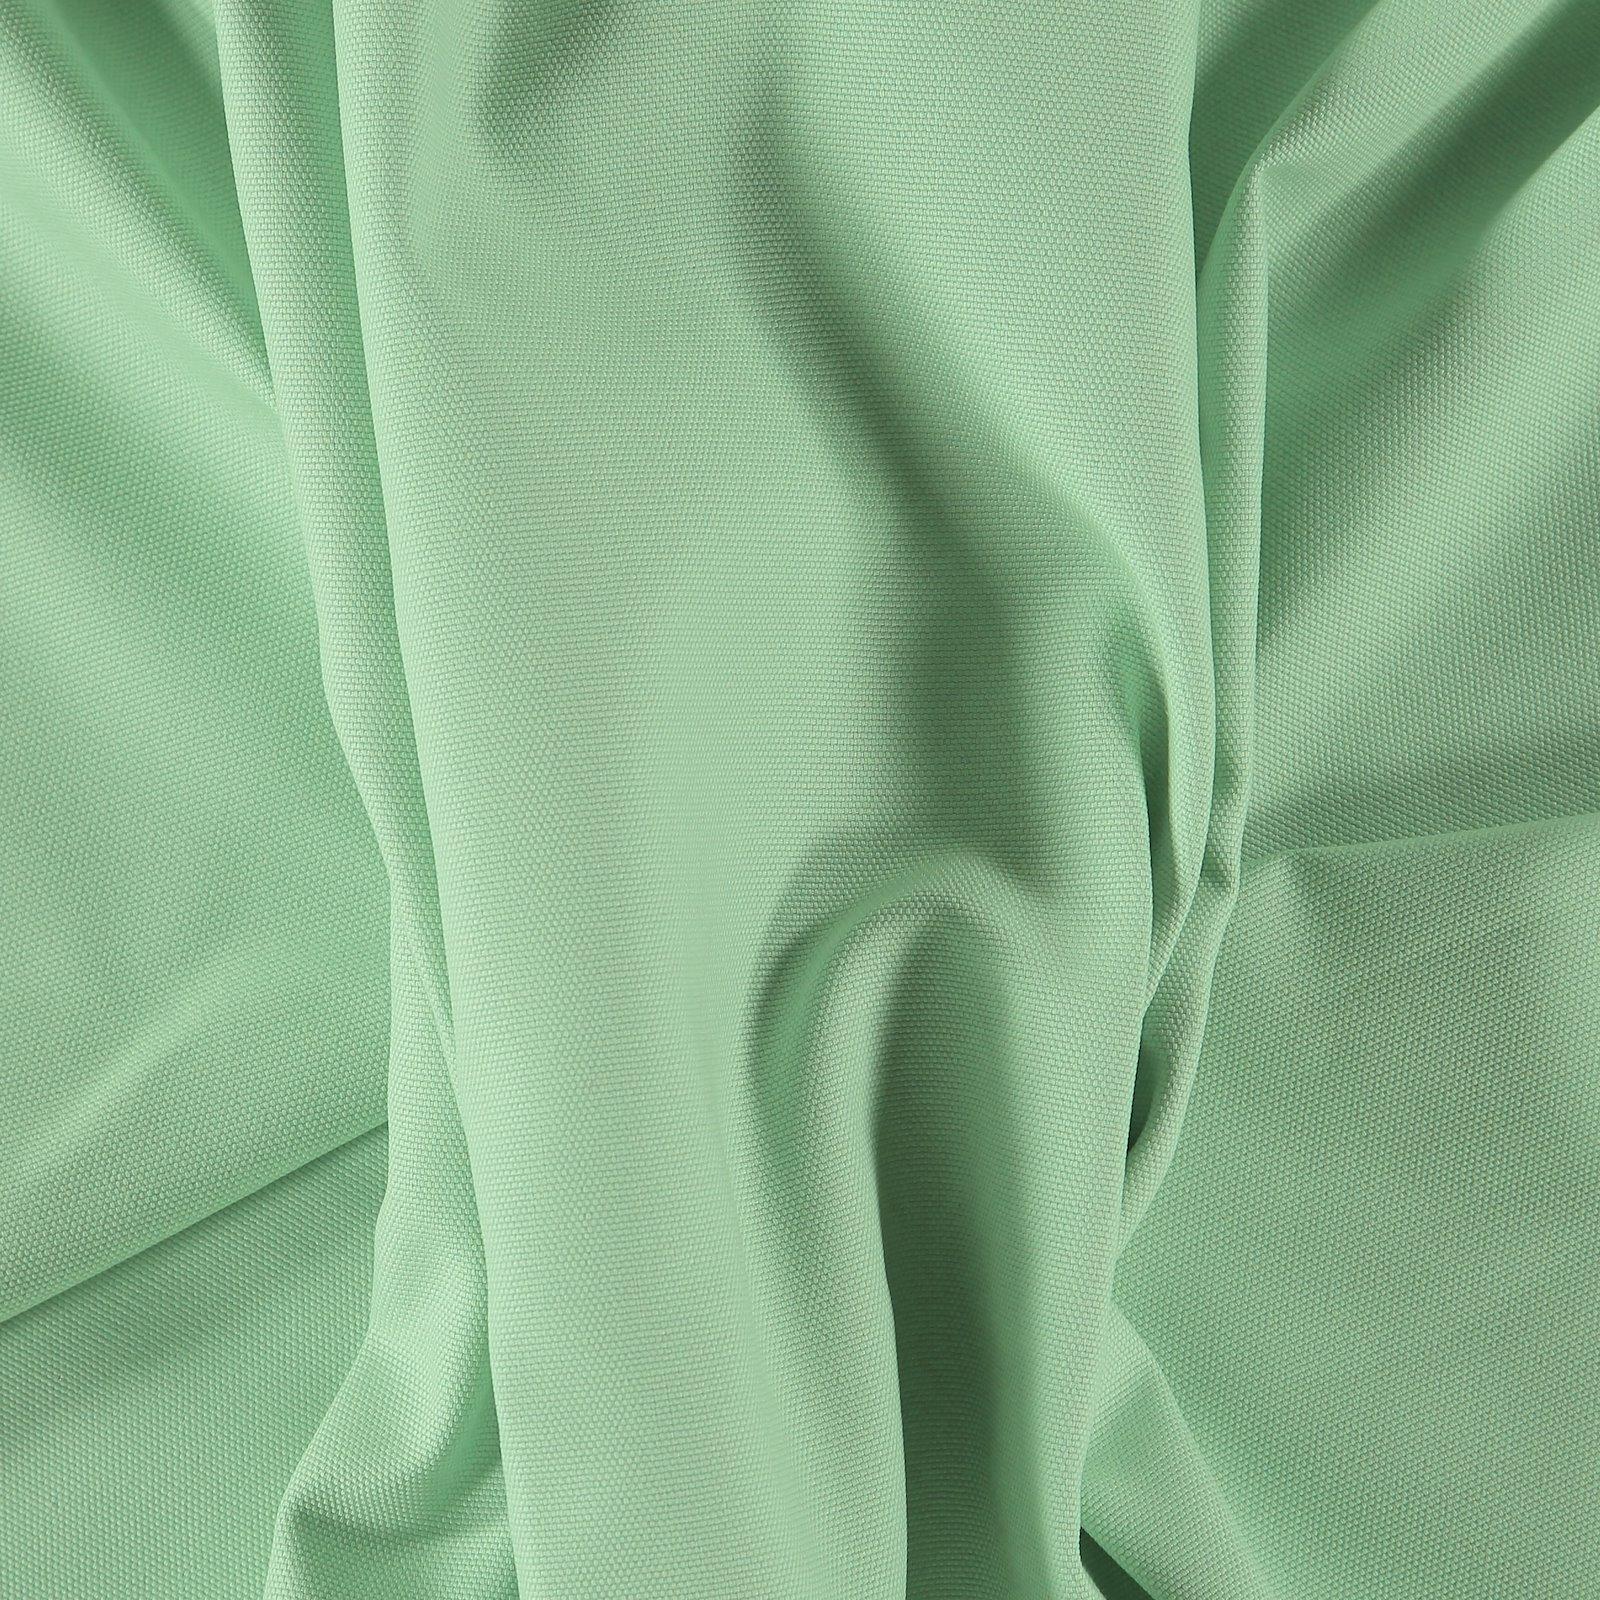 Cotton canvas mint